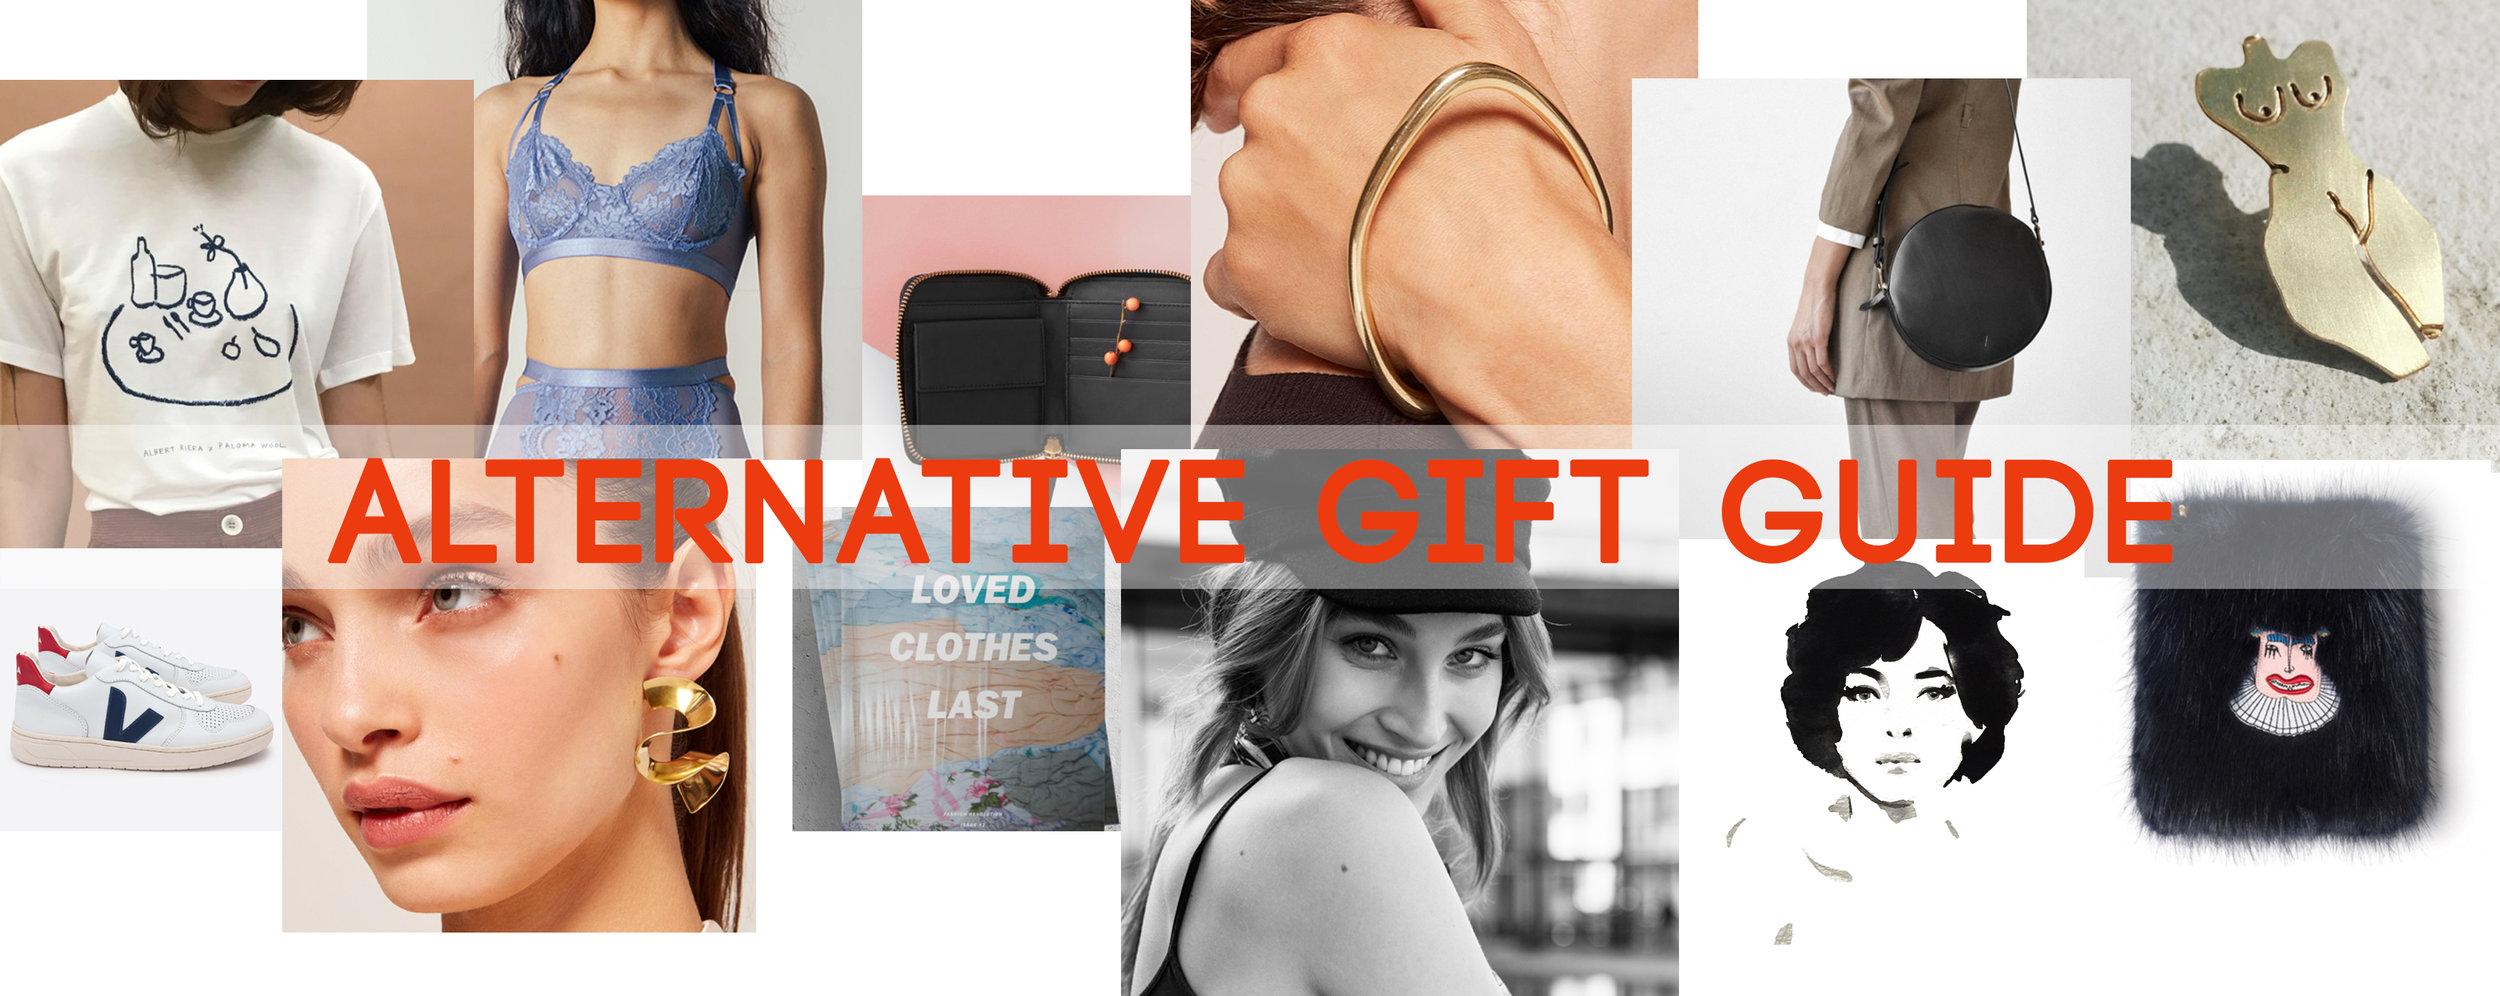 Gift guide poster.jpg